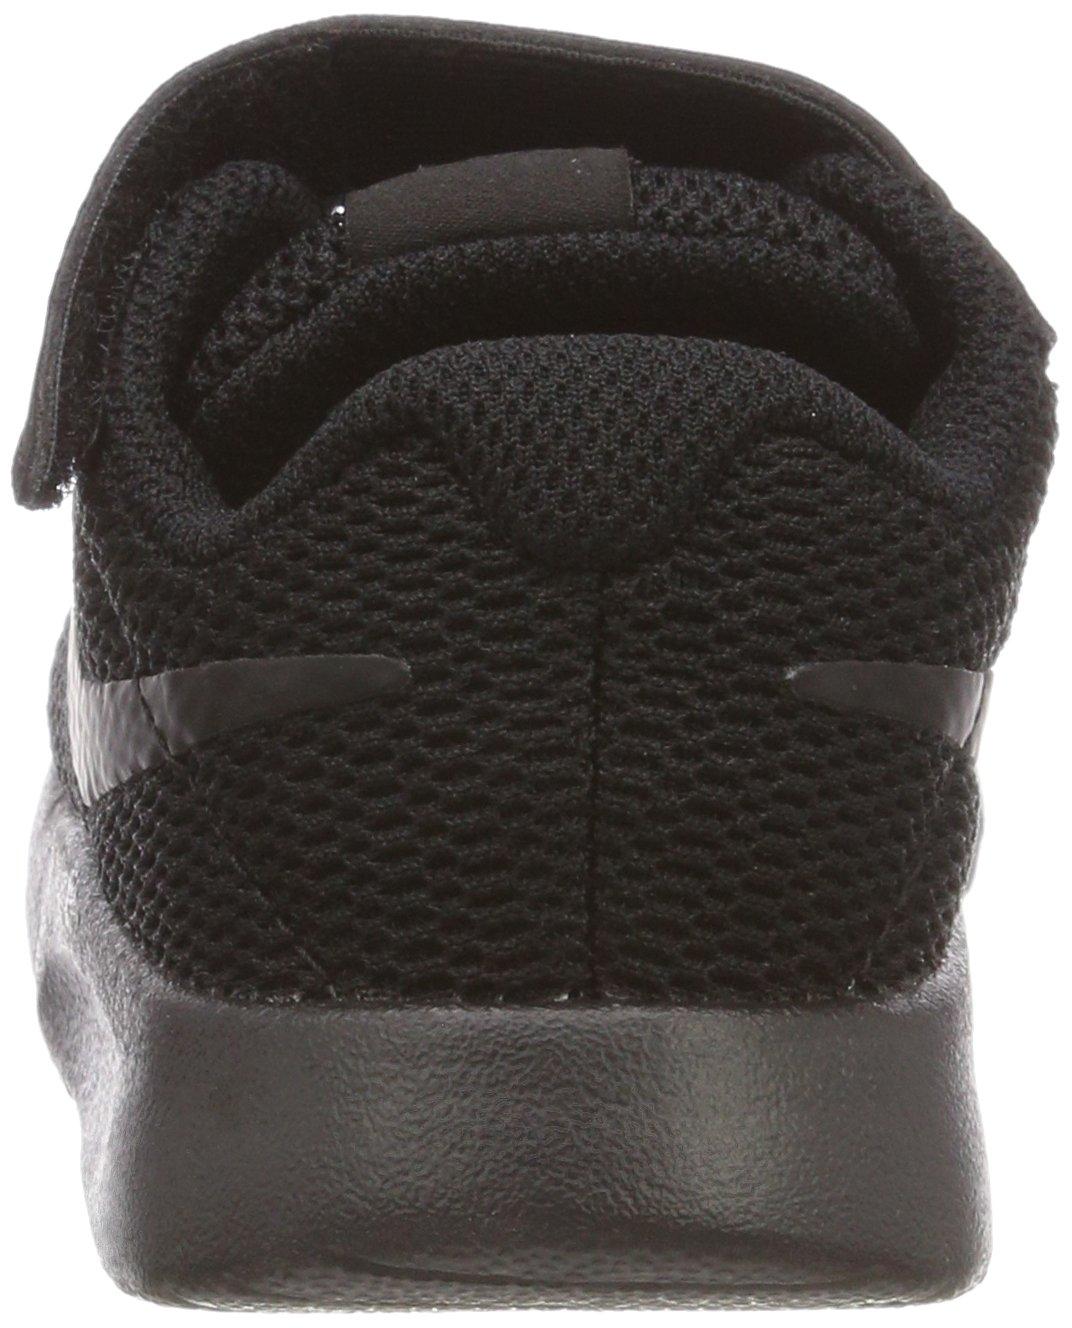 Nike Tanjun (Toddler) Black by Nike (Image #2)